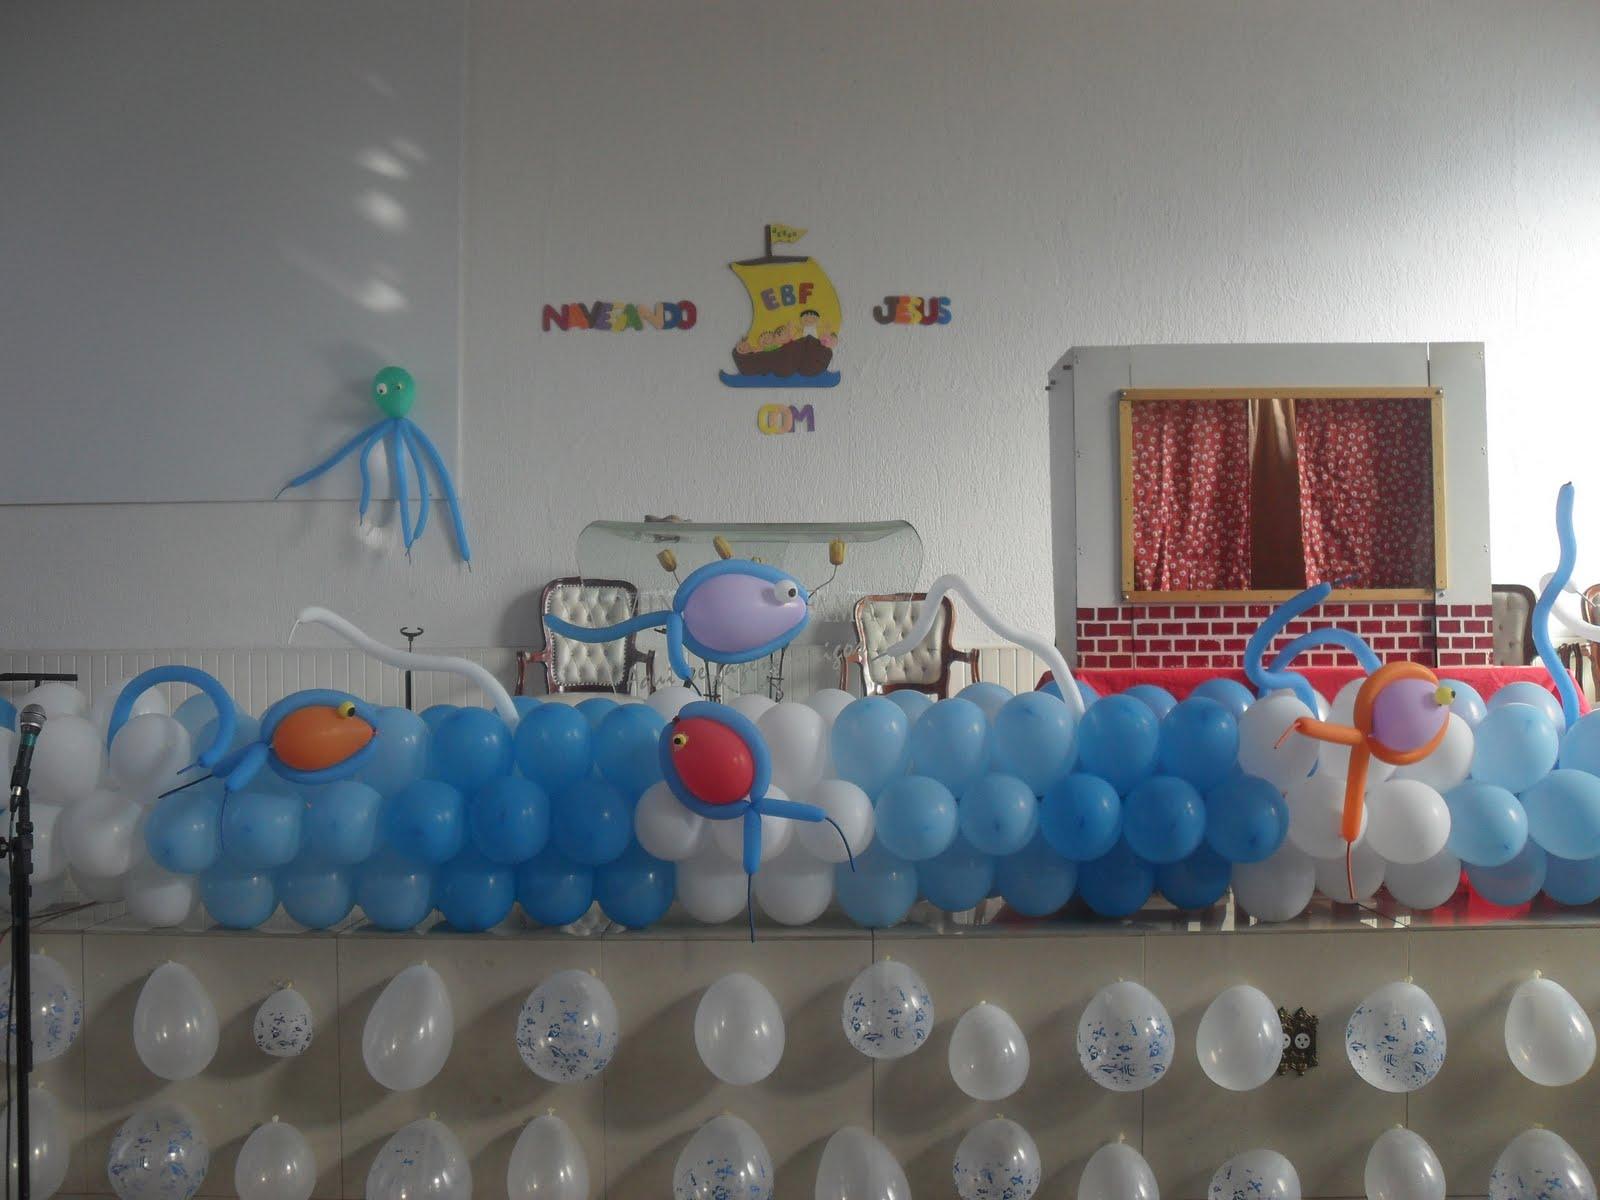 decoracao de sala infantil escola dominical : decoracao de sala infantil escola dominical:Departamento Infantil: Decoração da EBF (Escola Bíblica de Férias